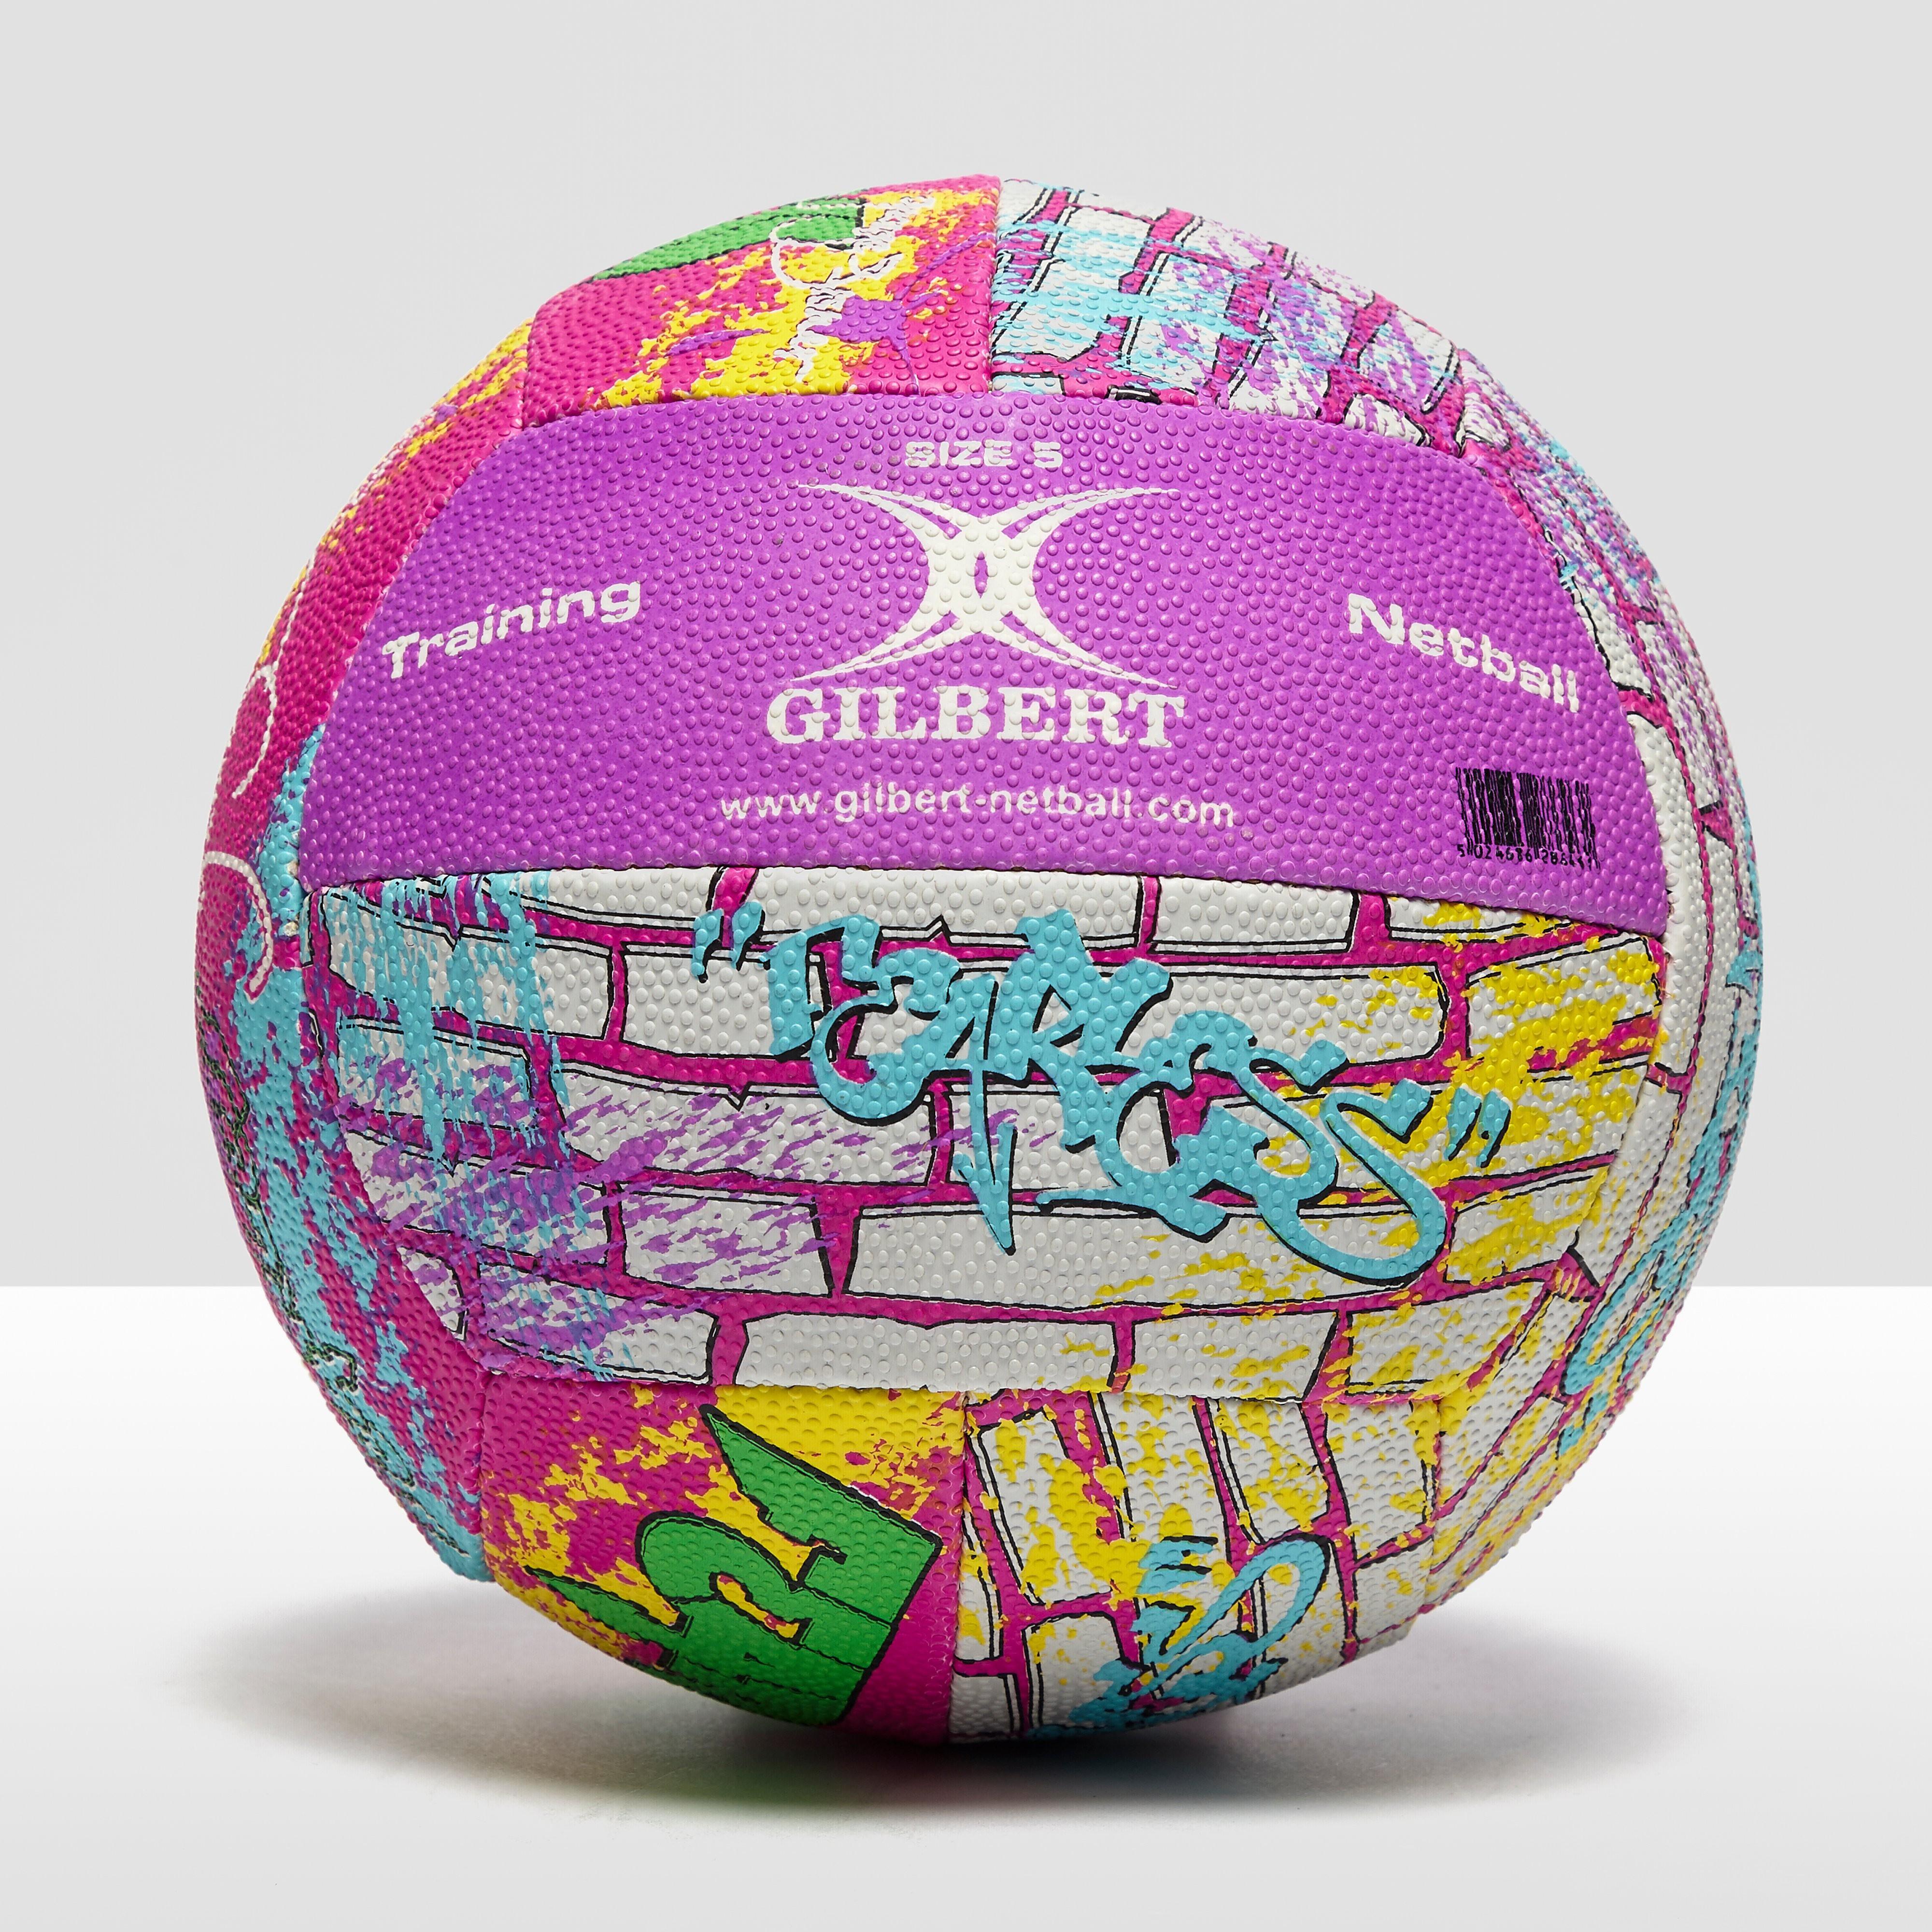 Gilbert Signature George Fisher Netball